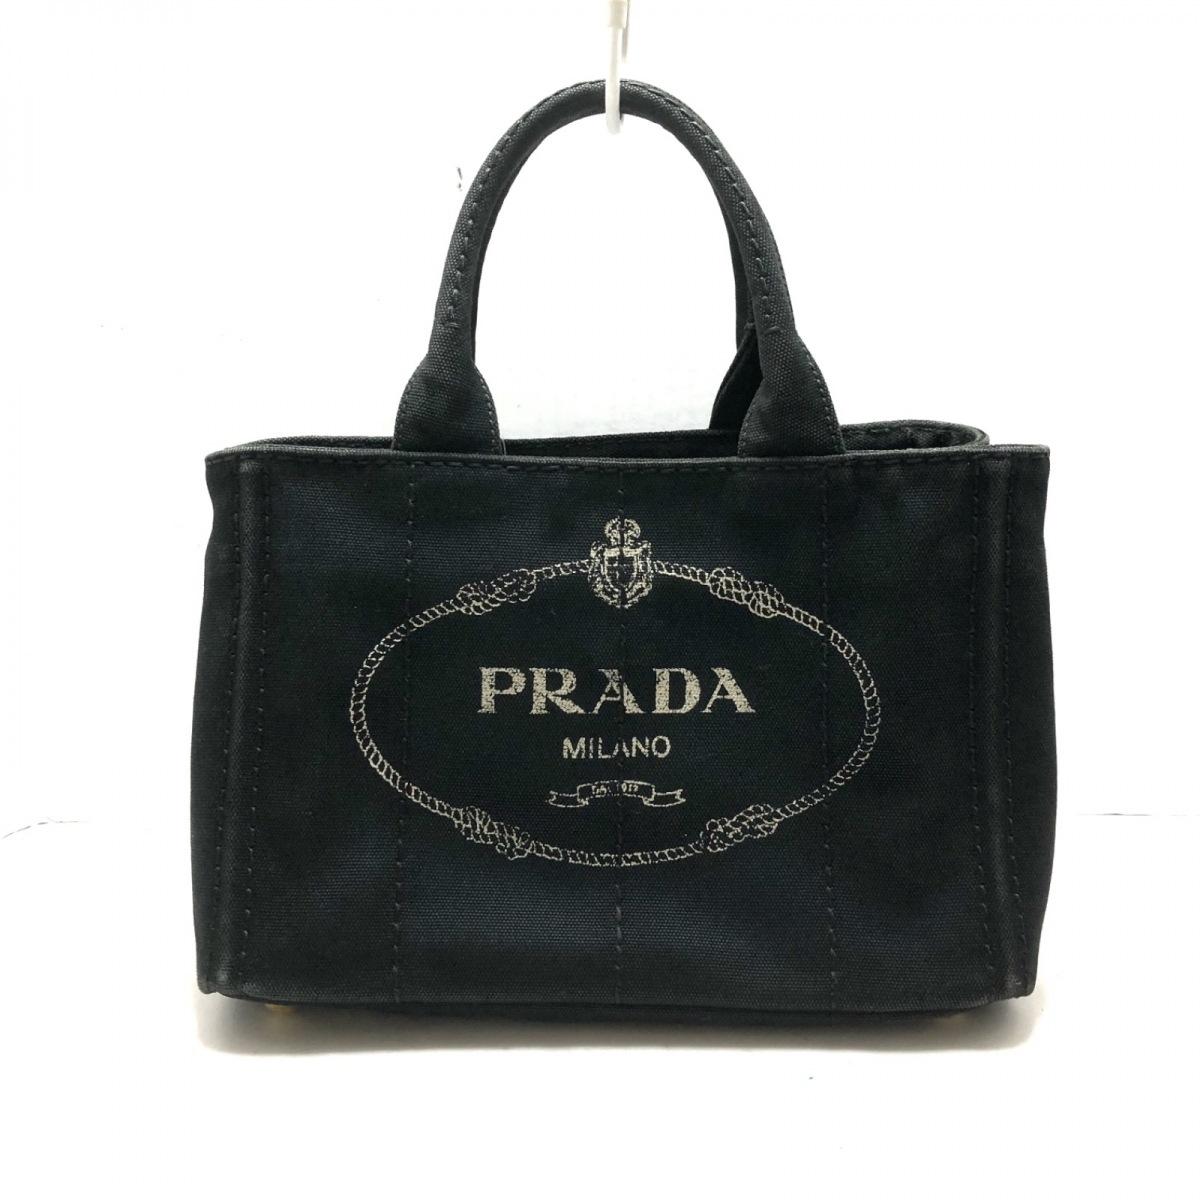 日本未発売 新着 中古 PRADA プラダ 春の新作続々 キャンバス ハンドバッグ 黒×アイボリー CANAPA